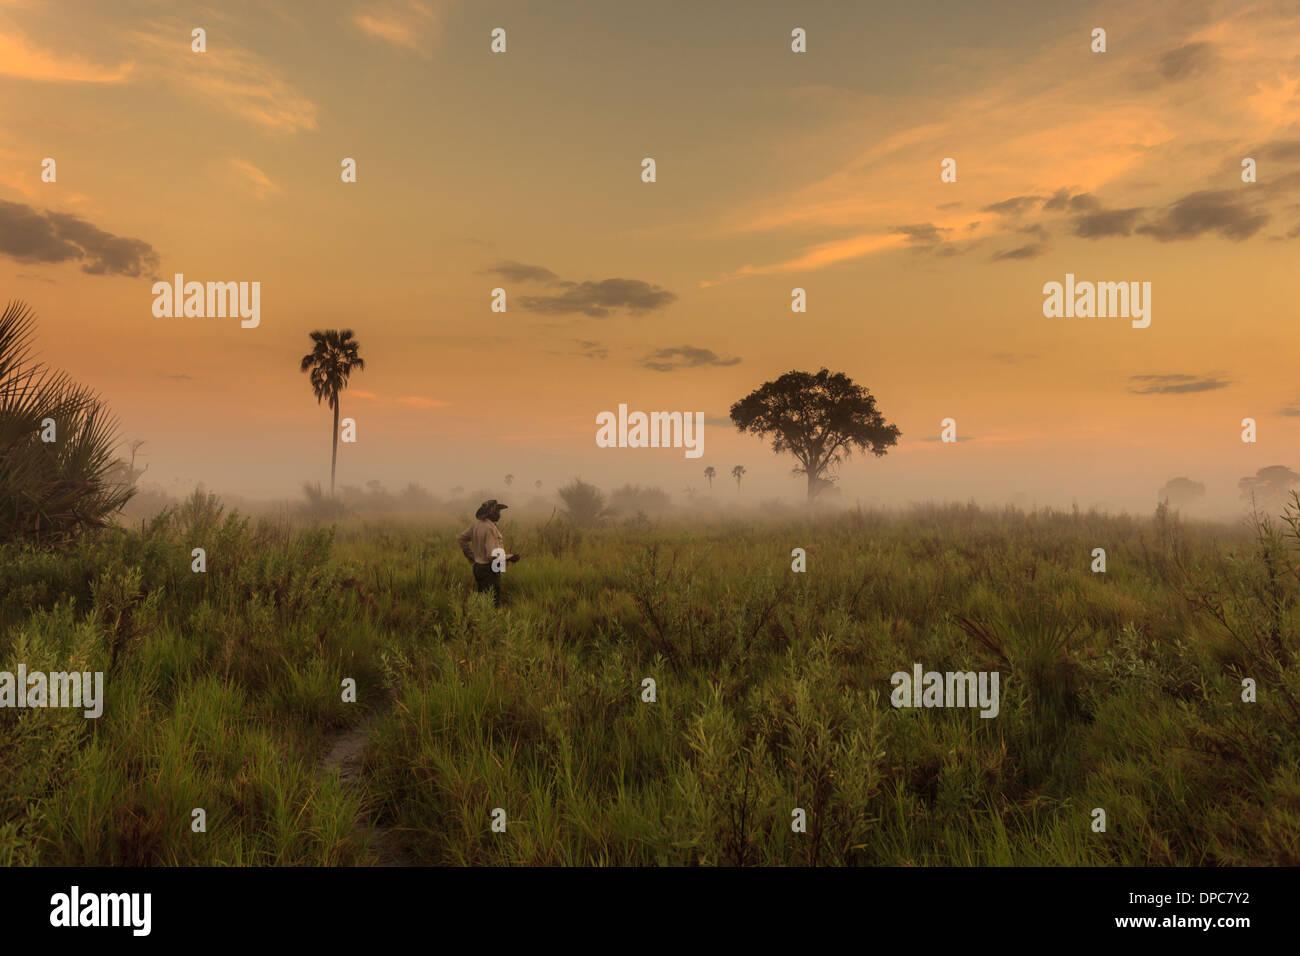 Guía del safari estudios humedales para señales de vida silvestre para mostrar a los turistas, Botswana, África como amaneceres y niebla quema Imagen De Stock